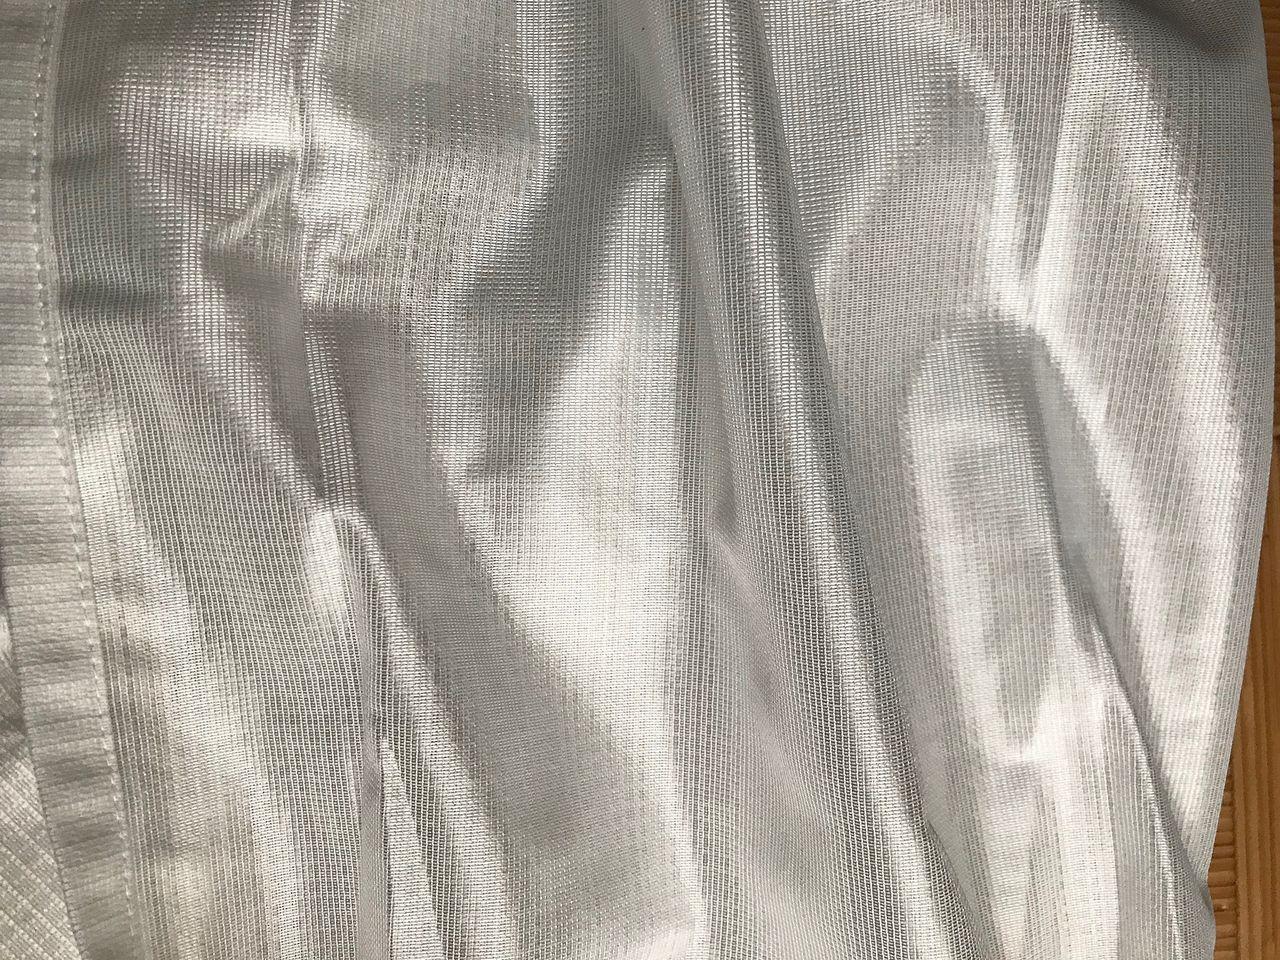 遮熱・遮光・UVカット・透けにくい・ミラー効果